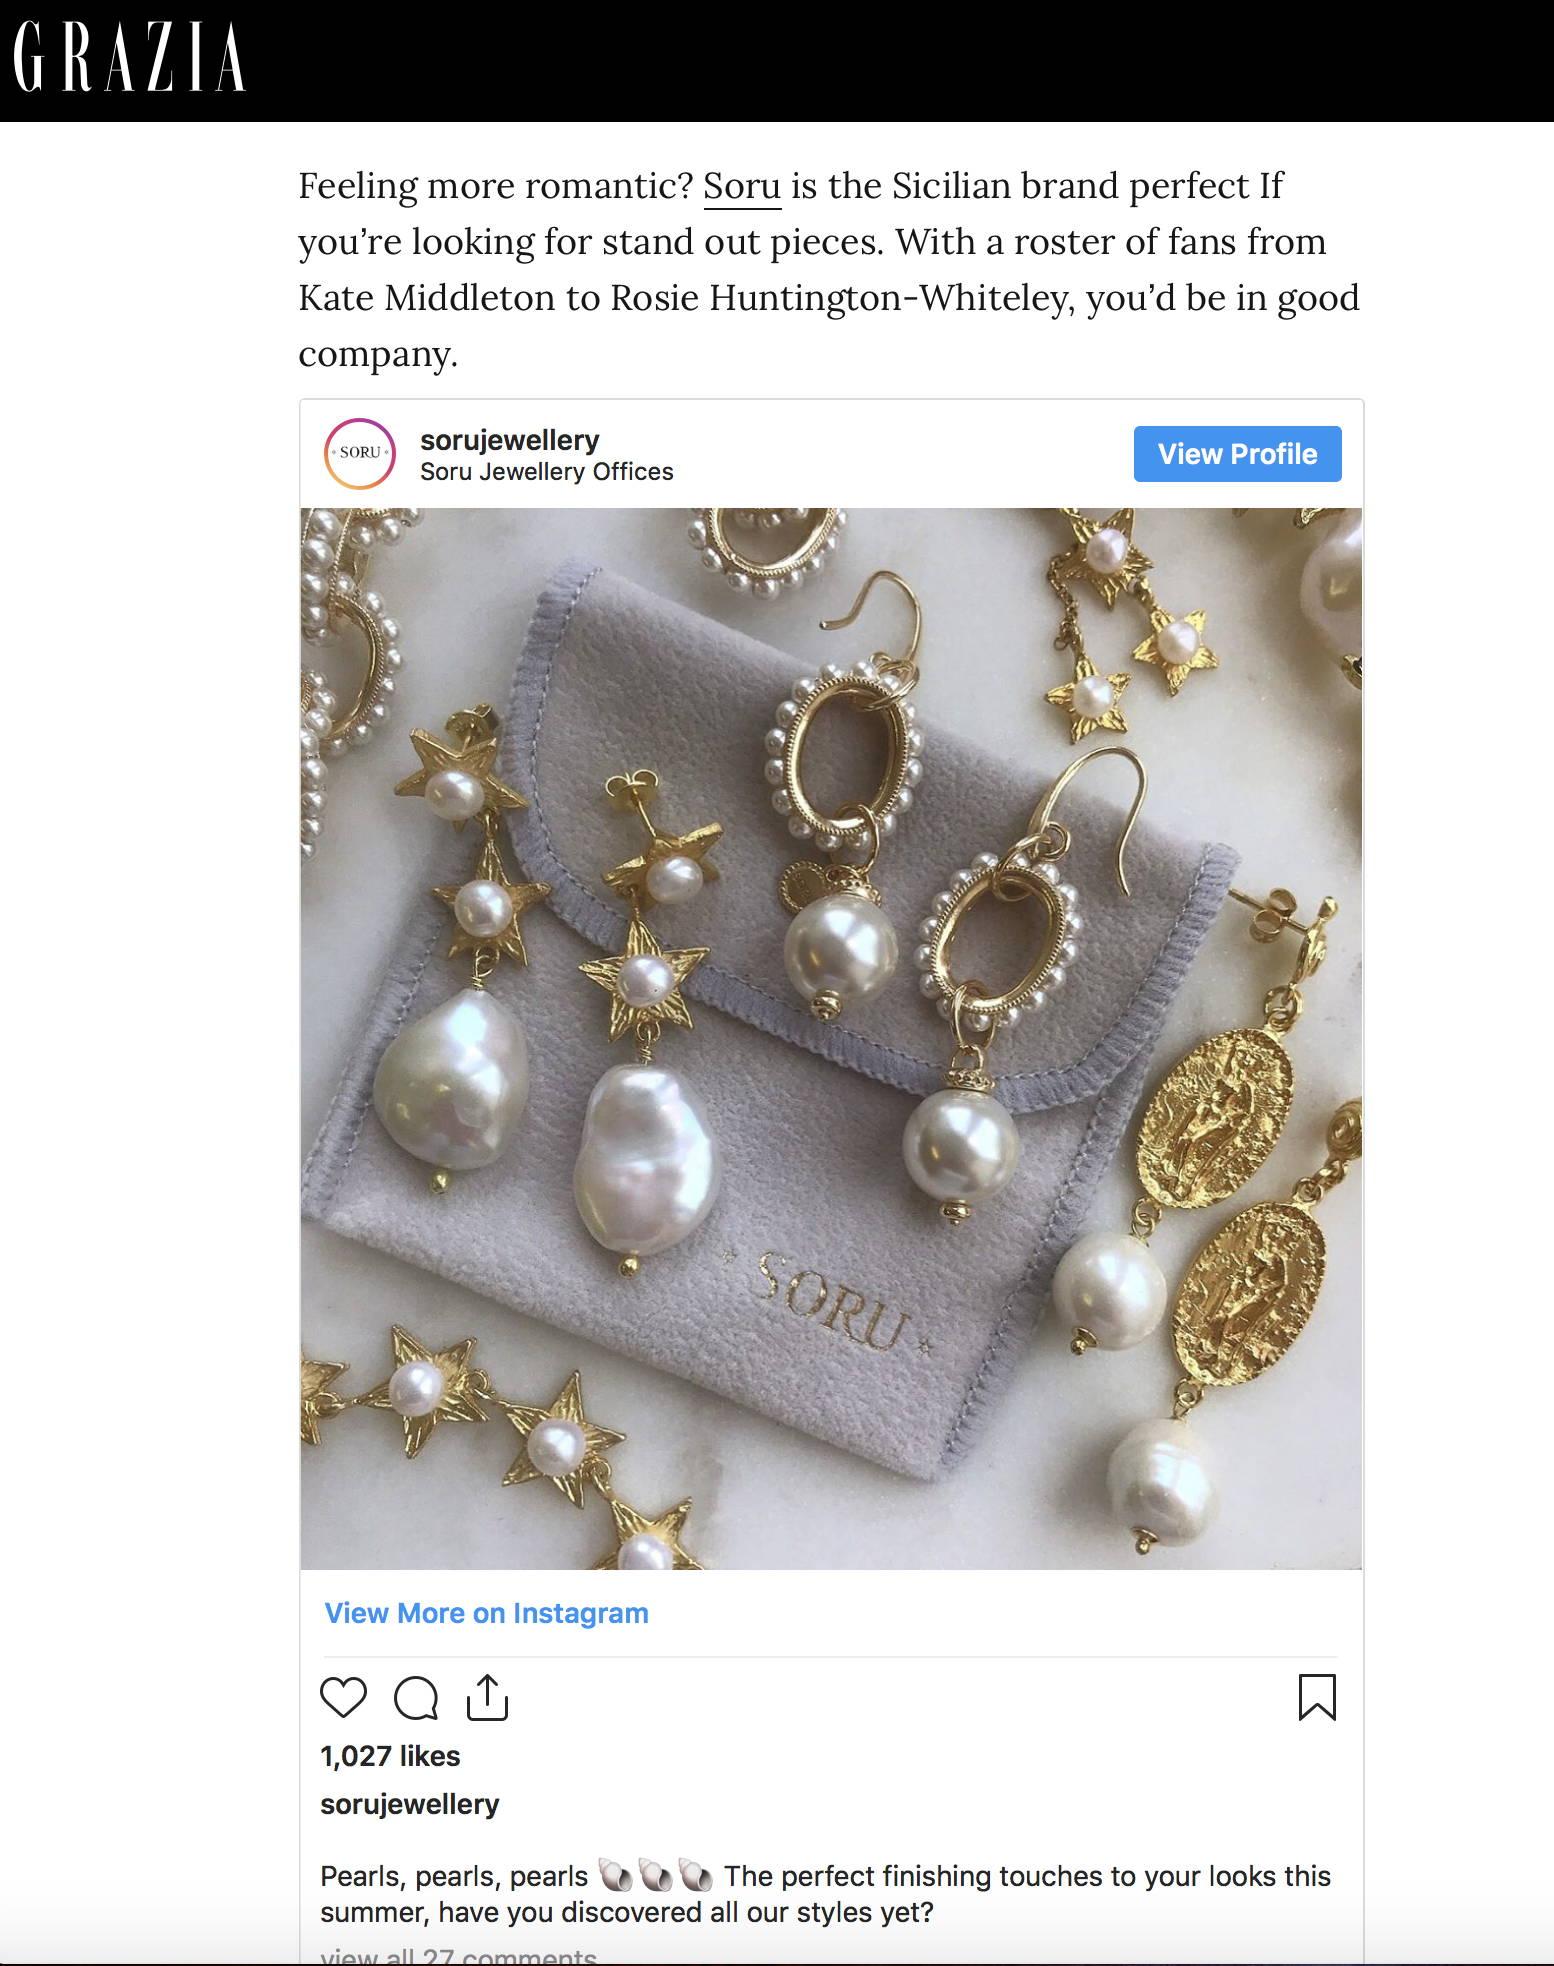 SORU JEWELLERY PEARL AND GOLD EARRINGS